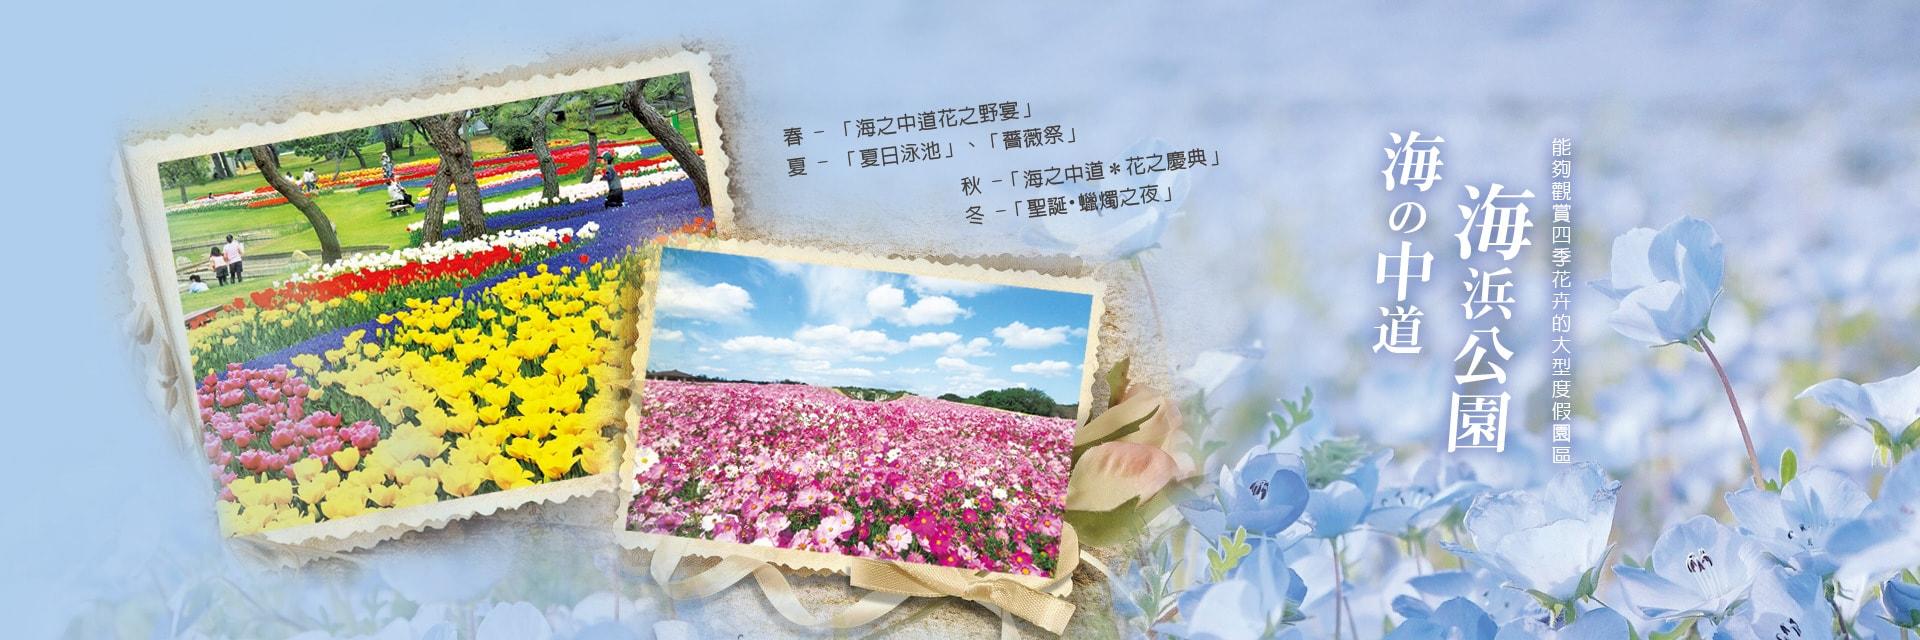 上順旅遊、日本旅遊、鬼怒川、日立海濱公園